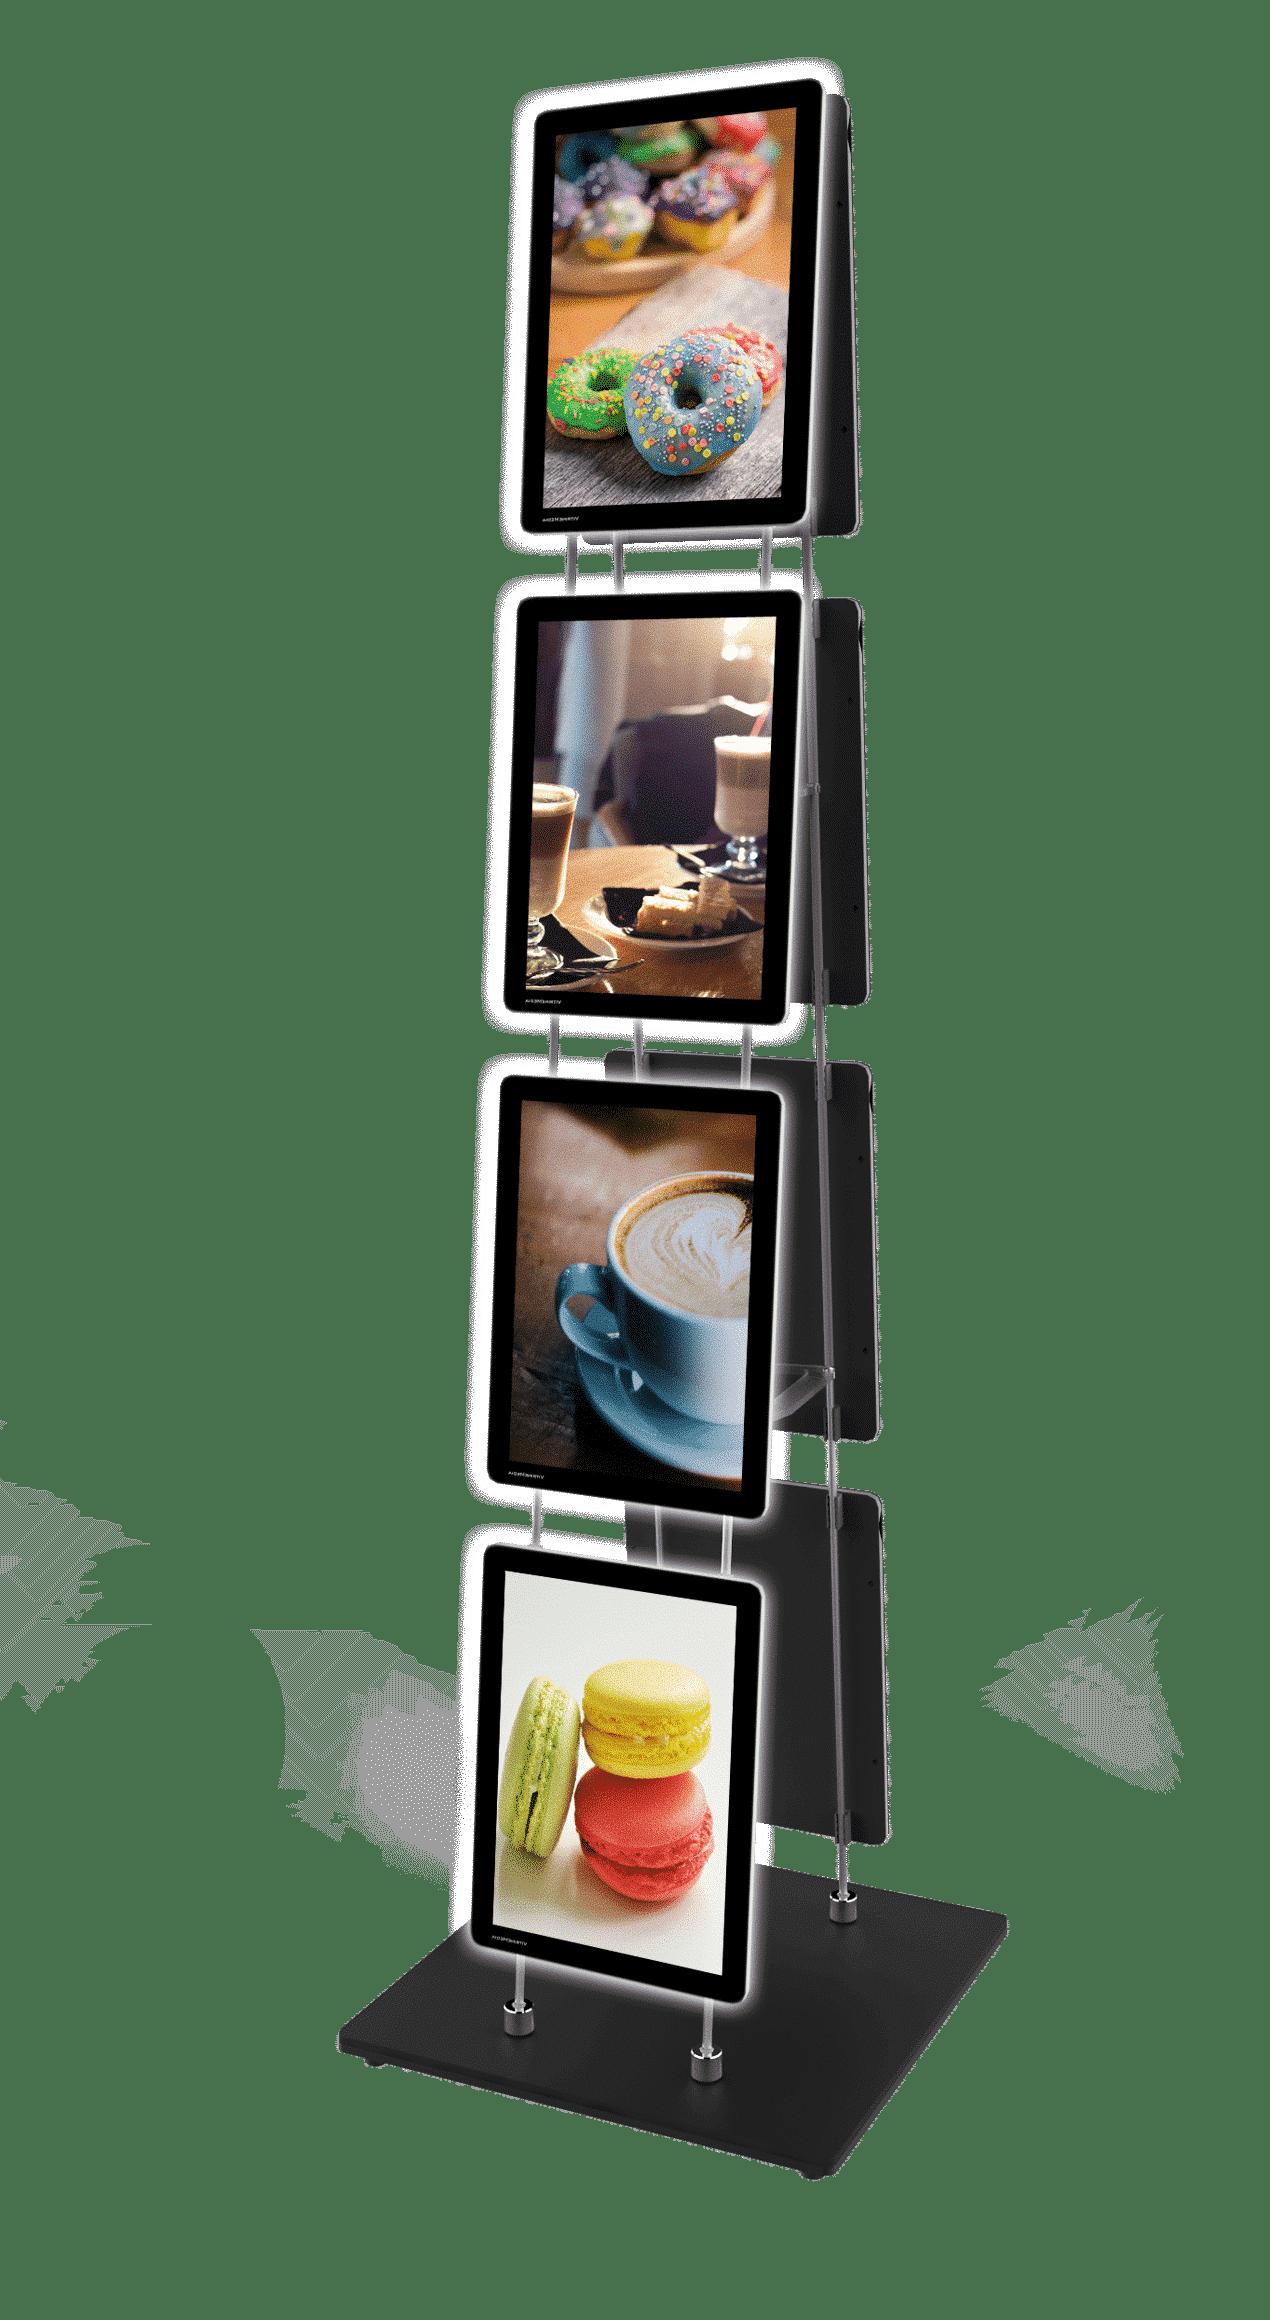 Painel em LED da VitrineMedia, instalado em totem VM Stand Easy Clip